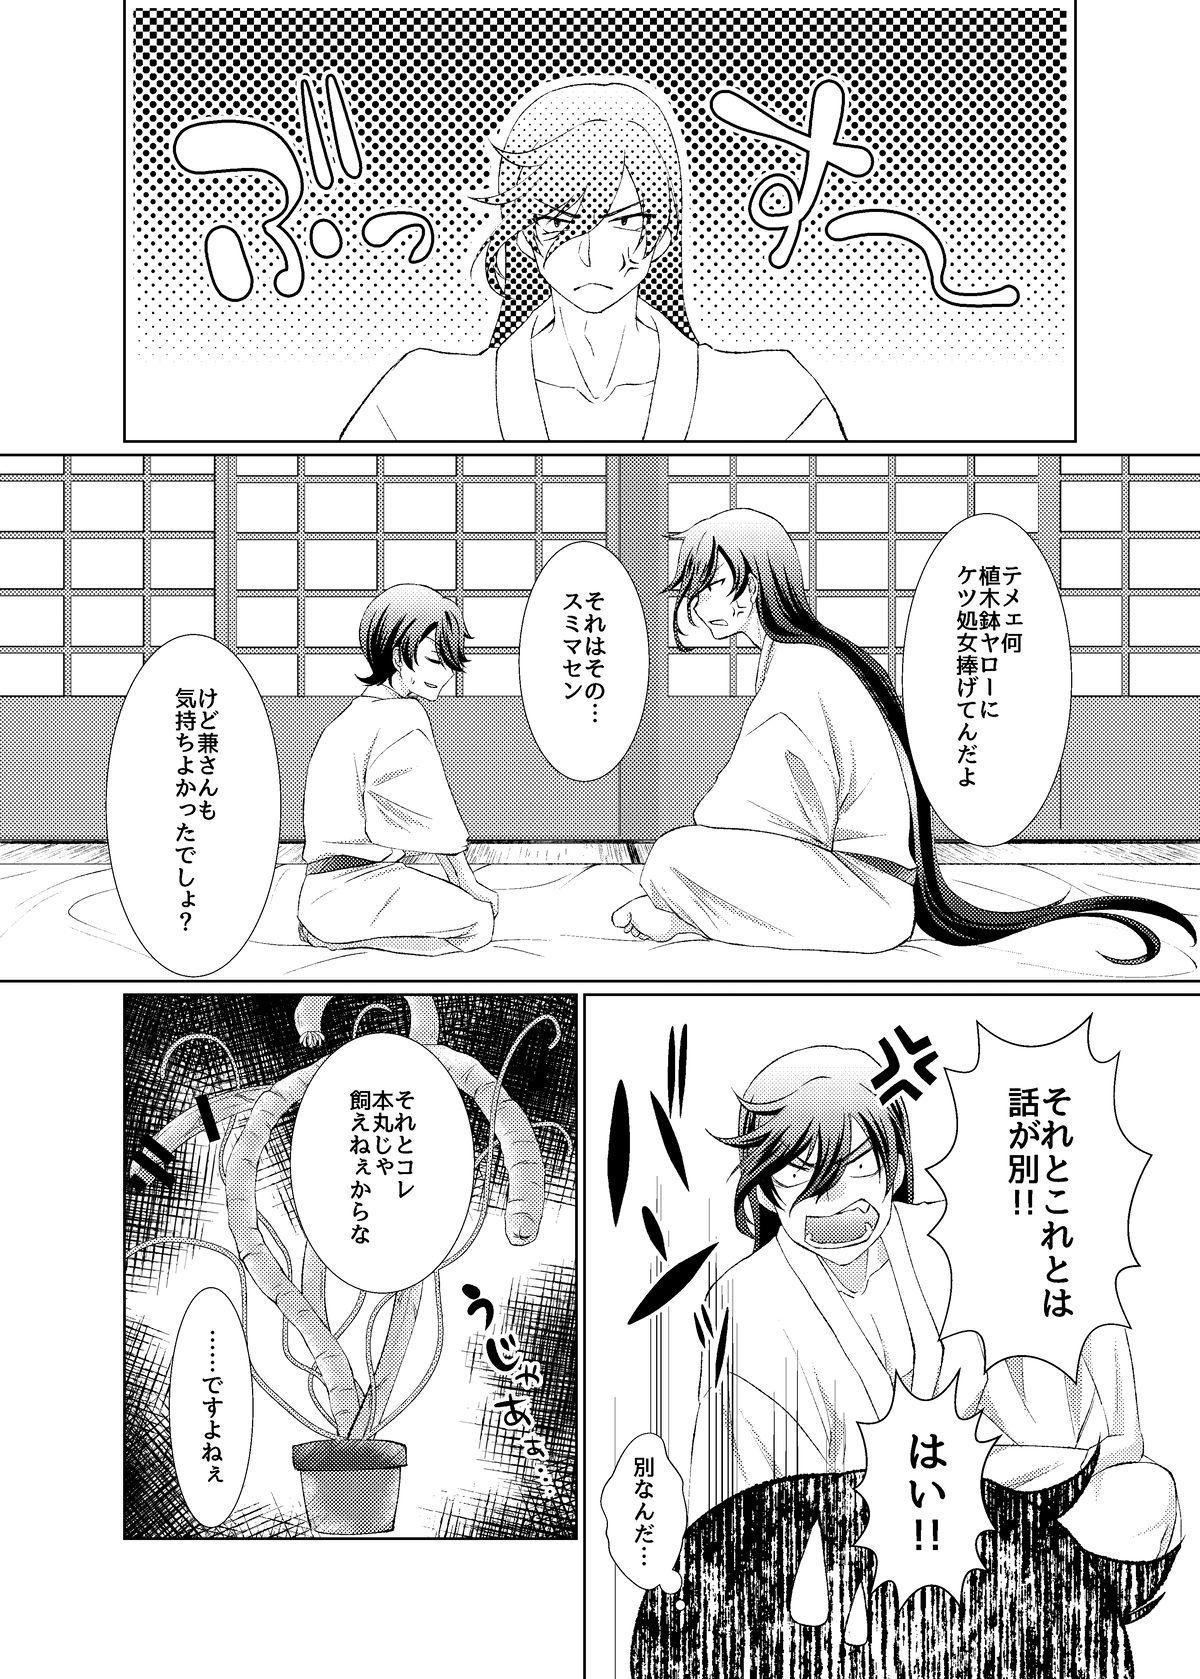 Hori Kane To Shi Yokushukun 25